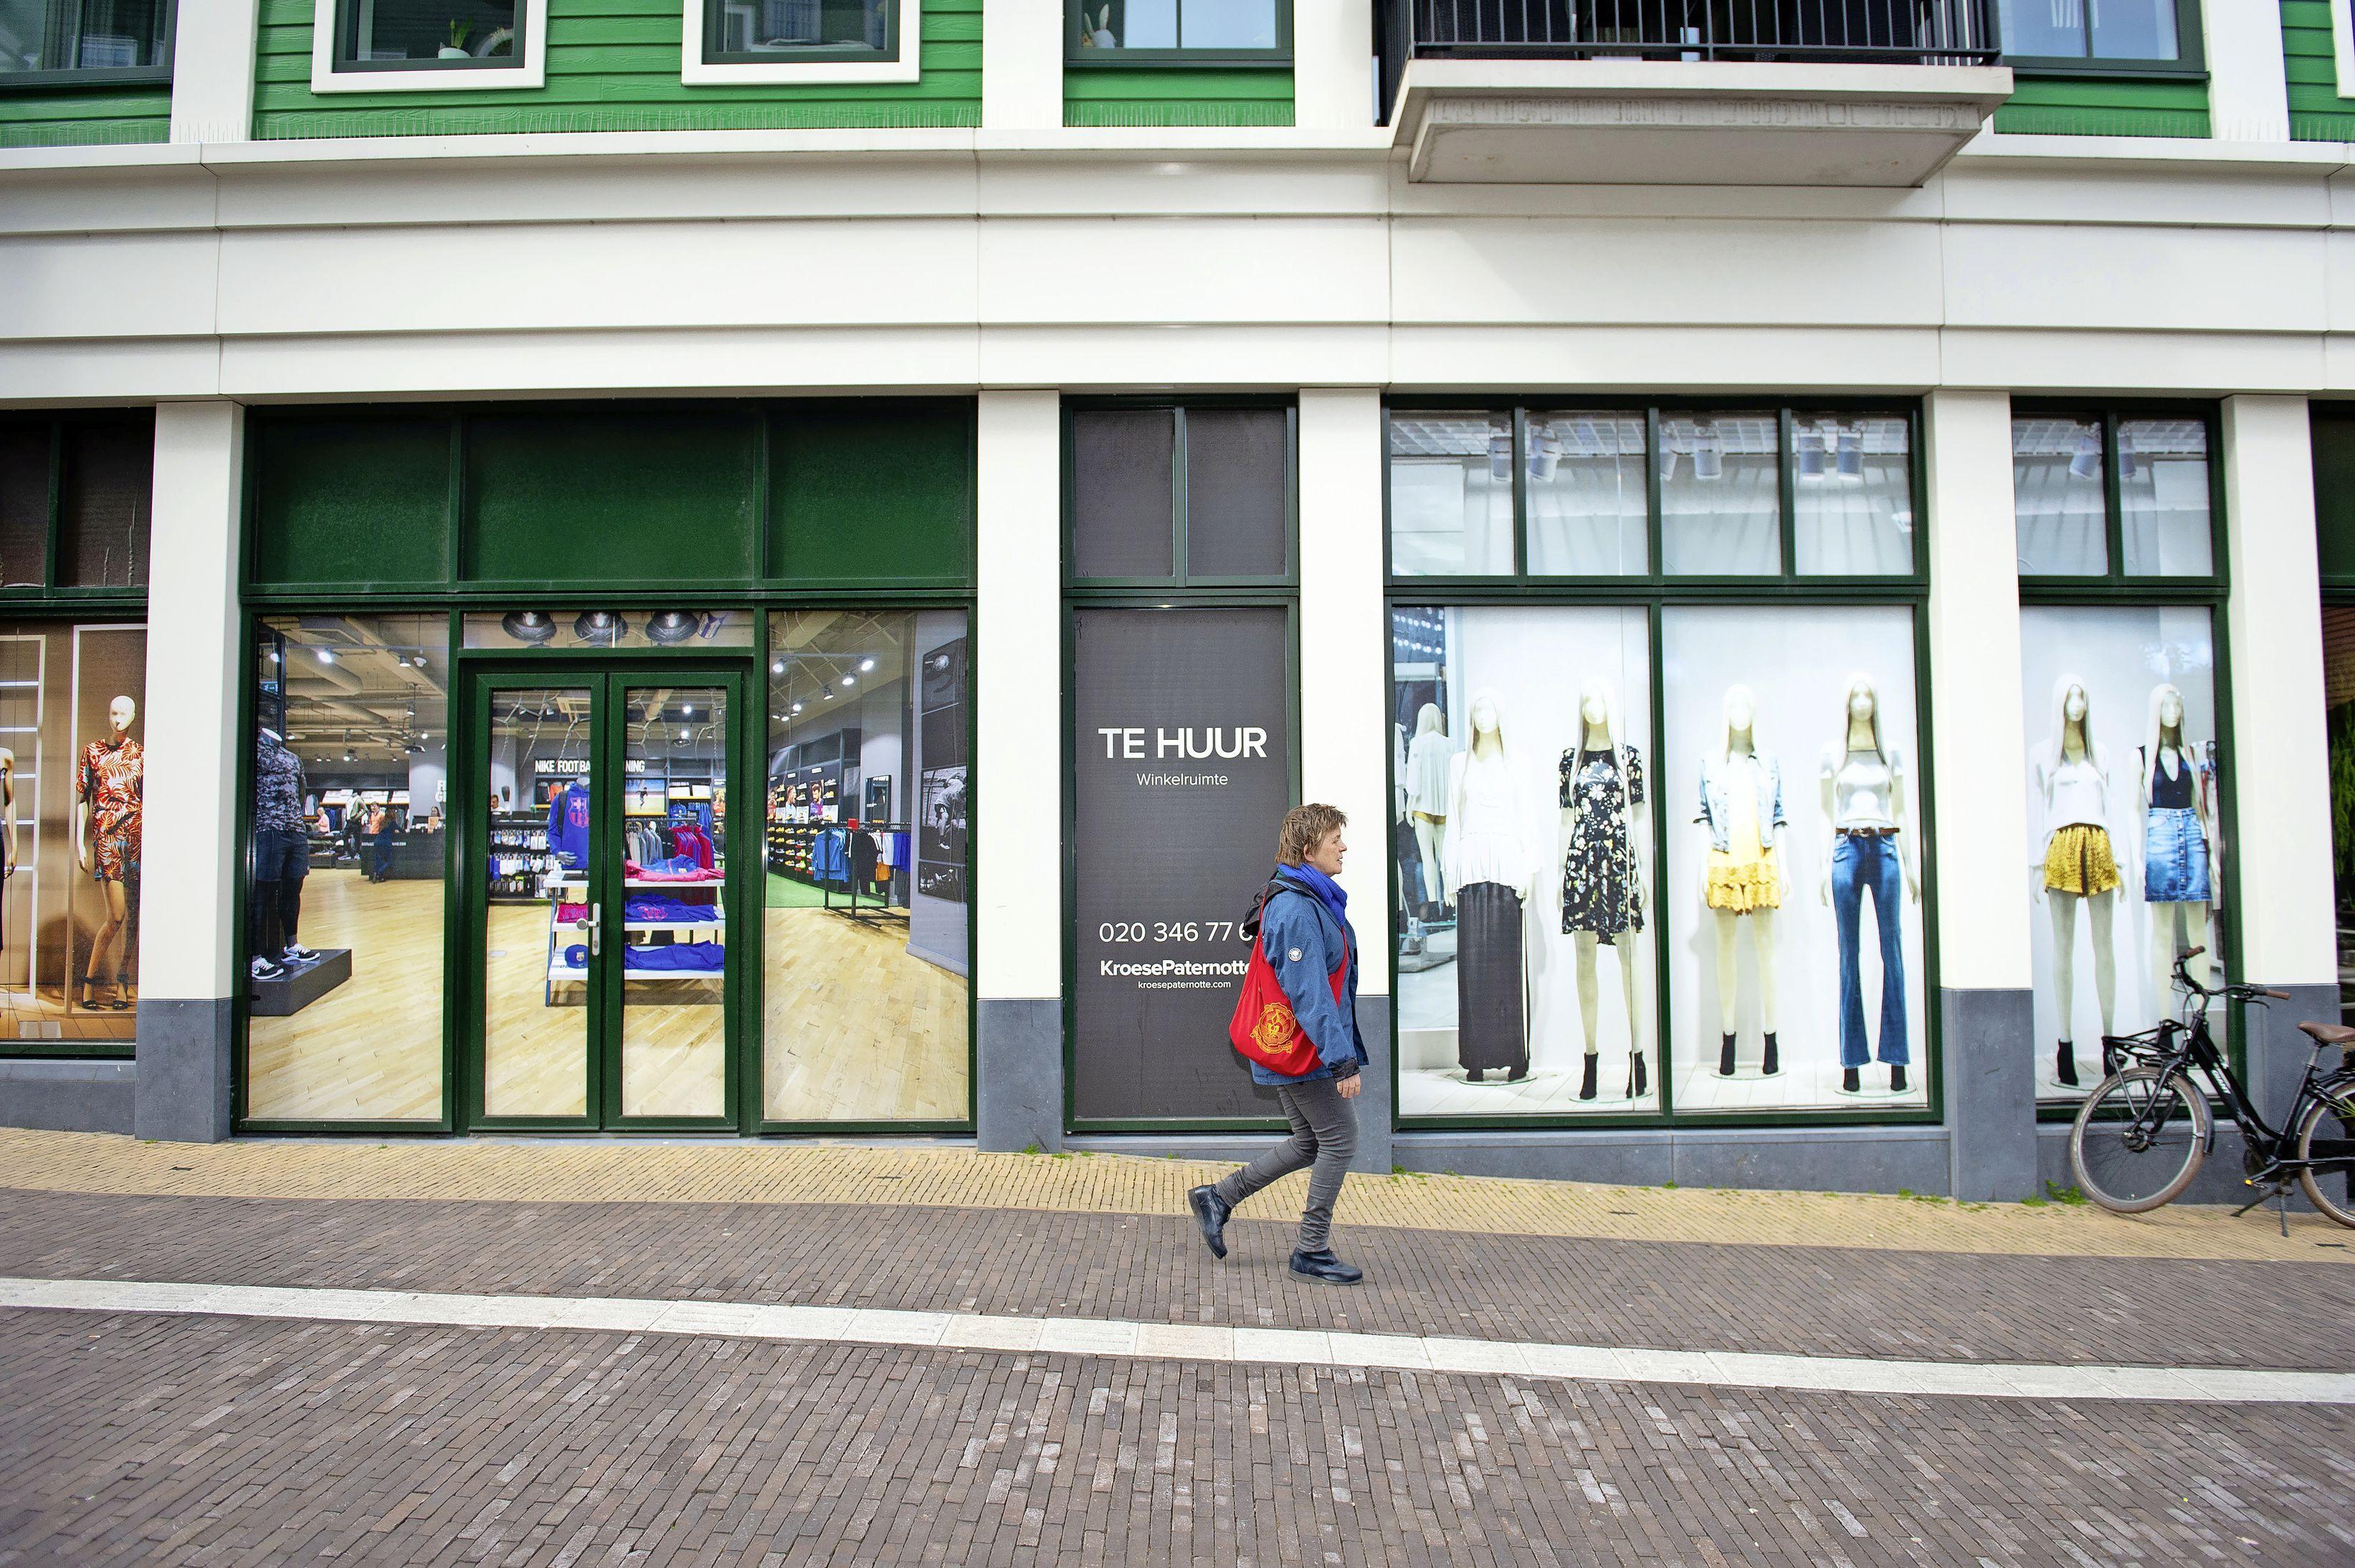 Zes winkels weg uit de binnenstad van Zaandam. 'Dit is nog maar het begin', zegt centrummanager Paul van Nobelen